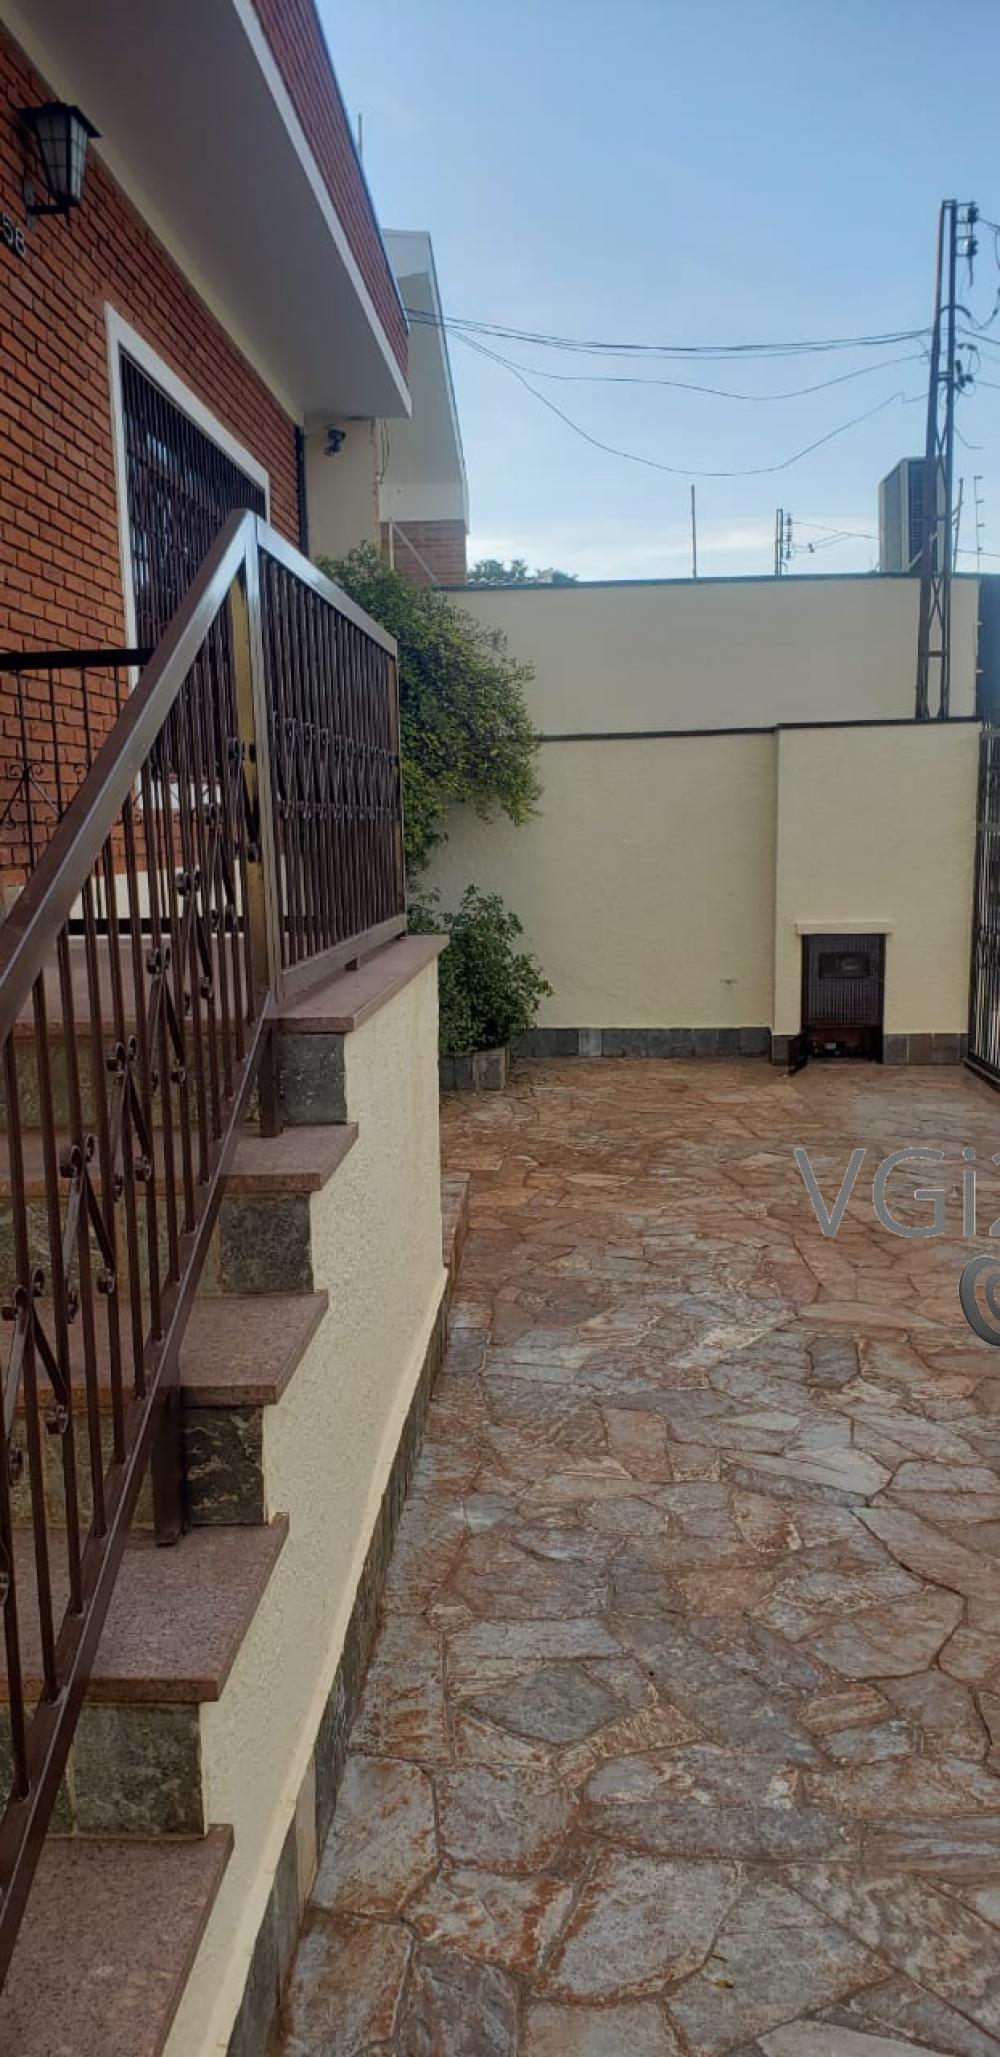 Comprar Casa / Padrão em Ribeirão Preto R$ 435.000,00 - Foto 21